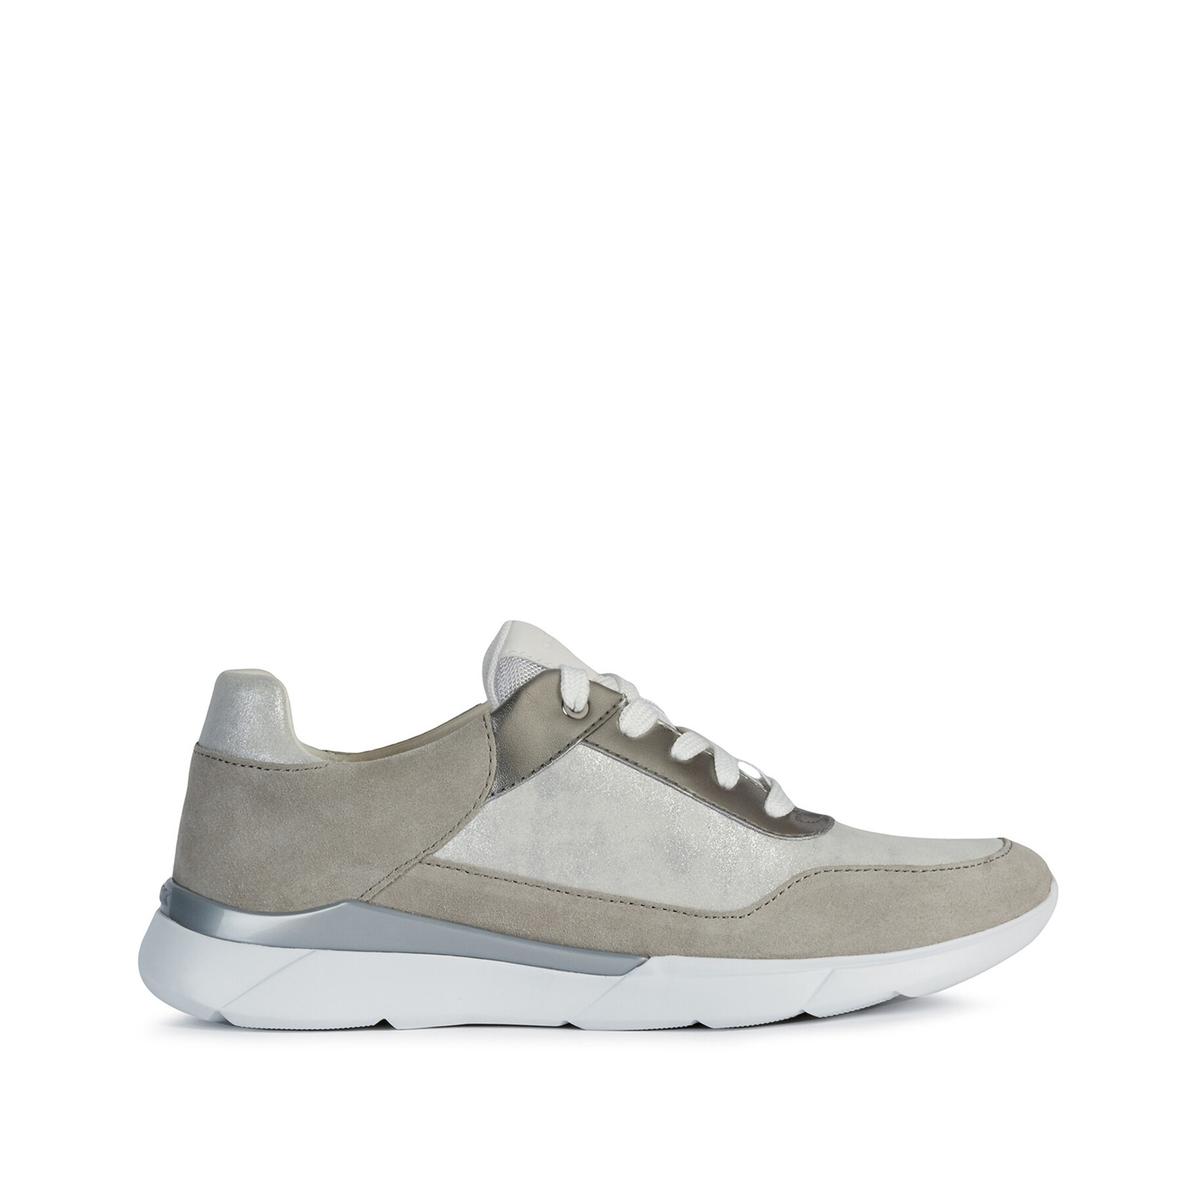 Zapatillas Hiver